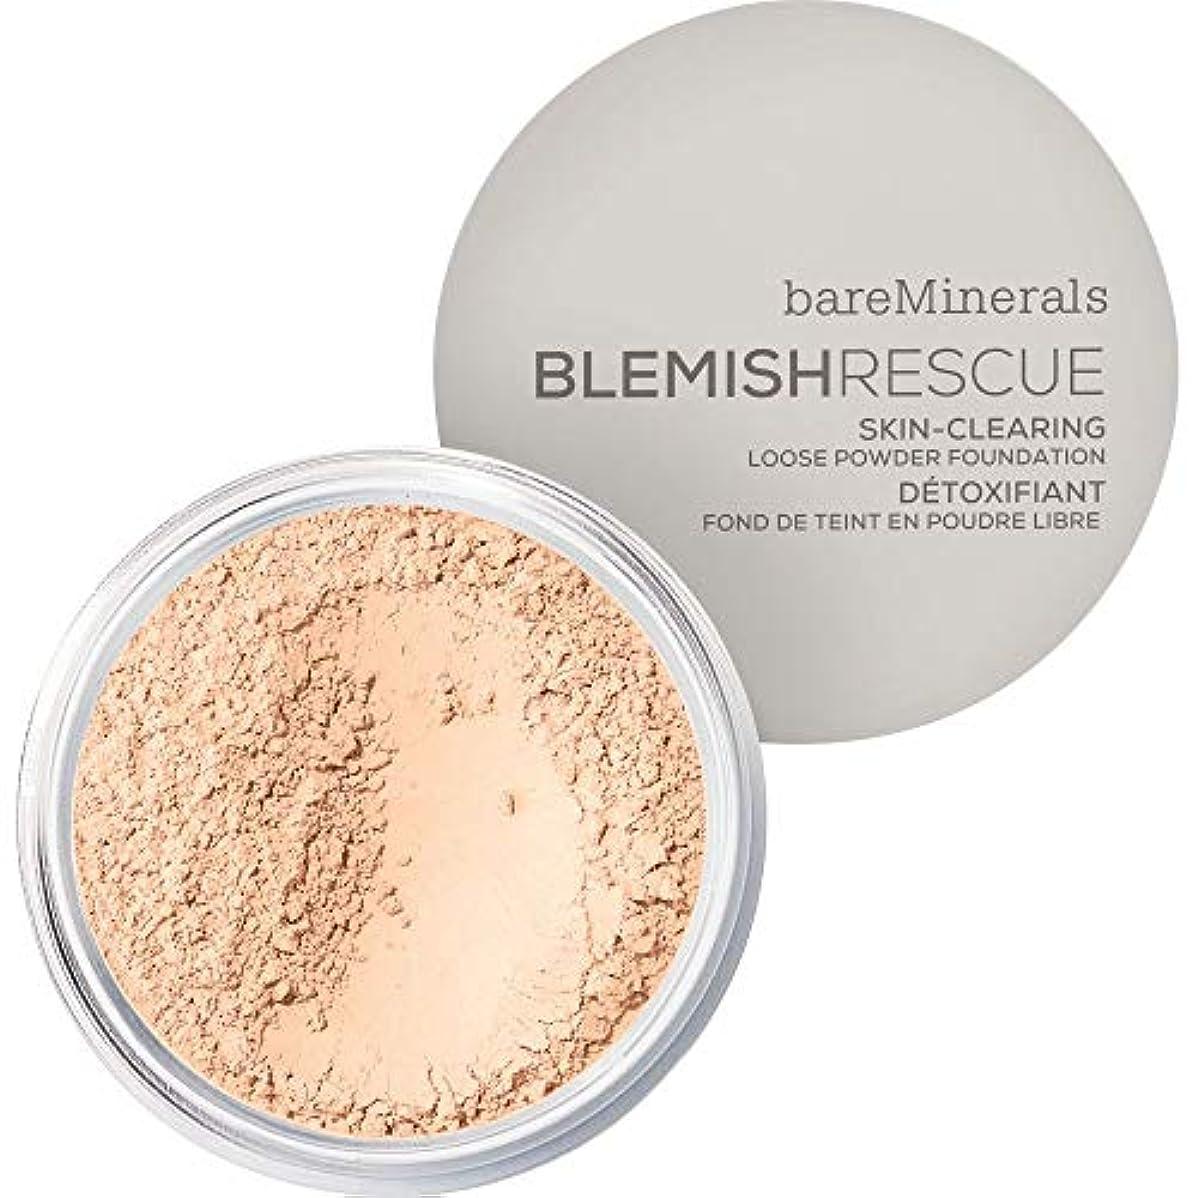 疾患満足させる勤勉な[bareMinerals ] ベアミネラルは、レスキュースキンクリア緩いパウダーファンデーション6グラム1Cは傷 - フェア - bareMinerals Blemish Rescue Skin-Clearing Loose Powder Foundation 6g 1C - Fair [並行輸入品]